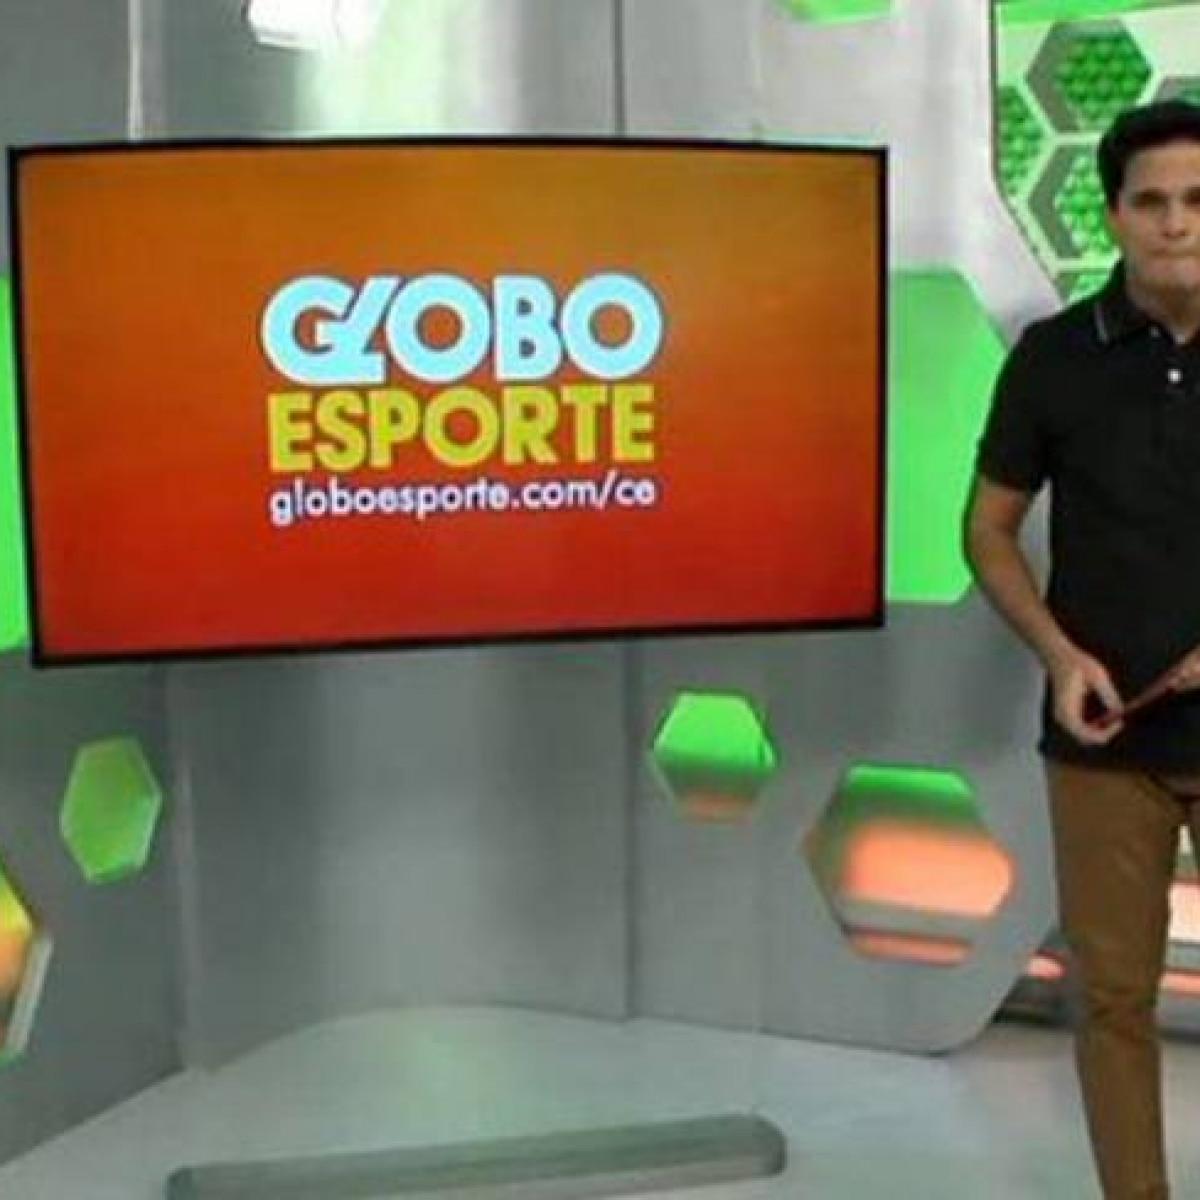 Apresentador Do Globo Esporte Que Pediu Demissão Ao Vivo